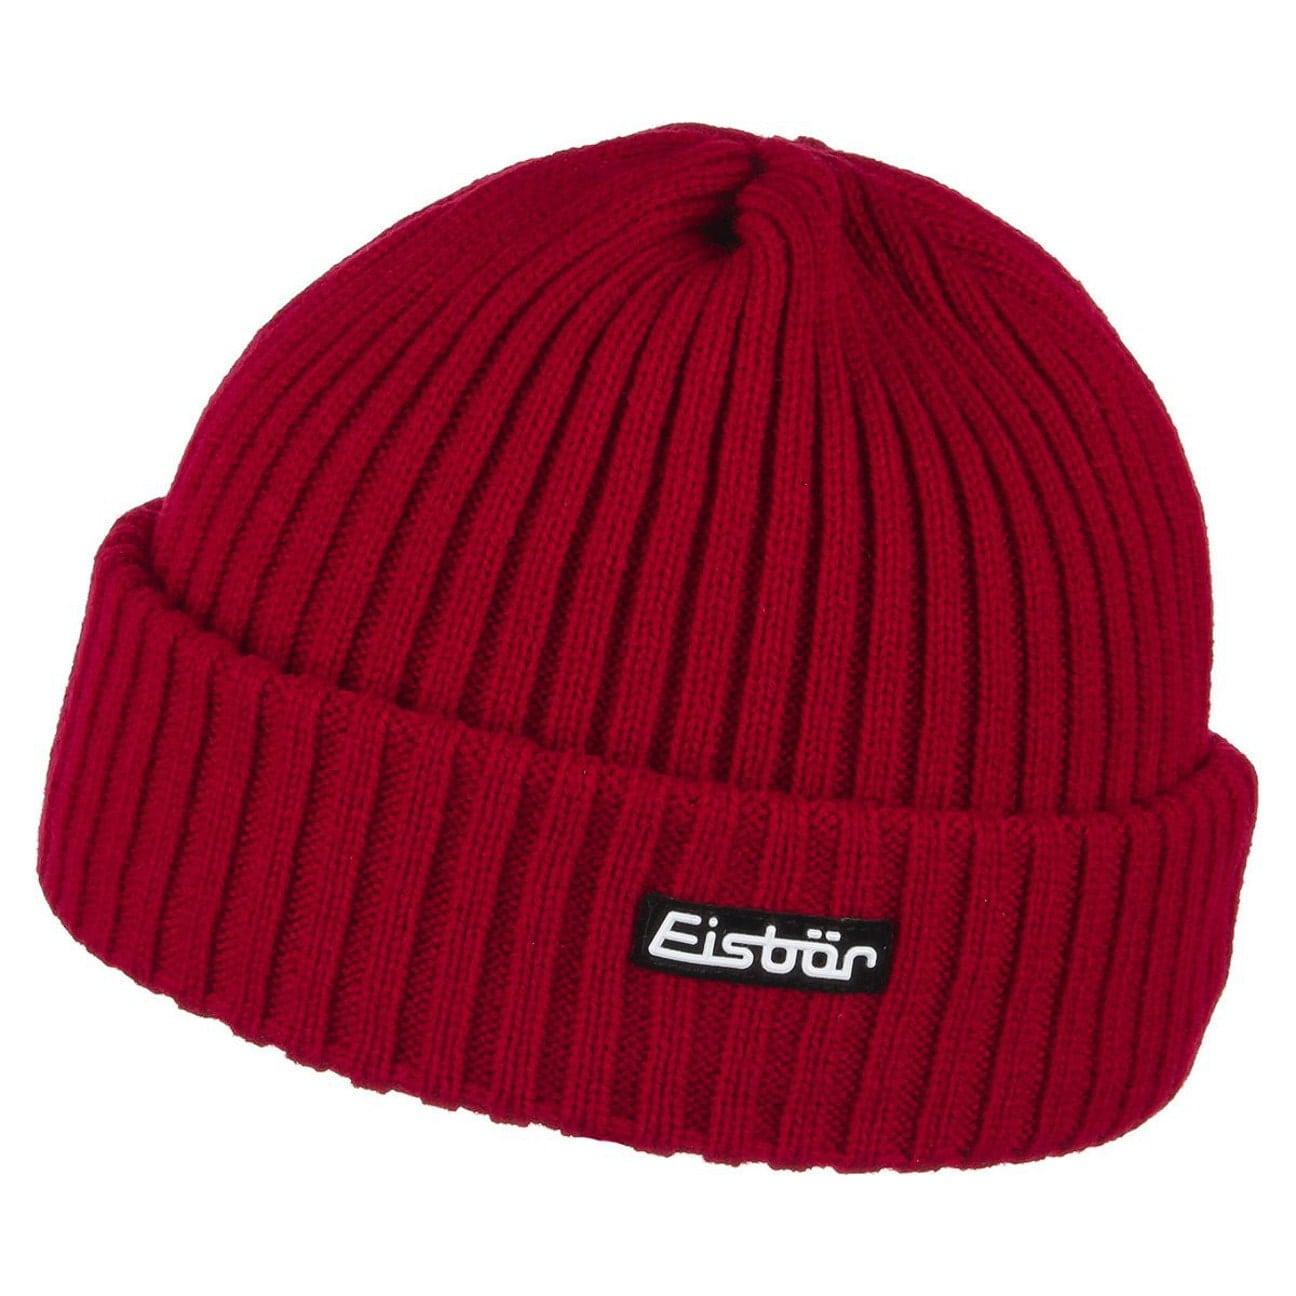 Eisb/är RIPP Winter Hat